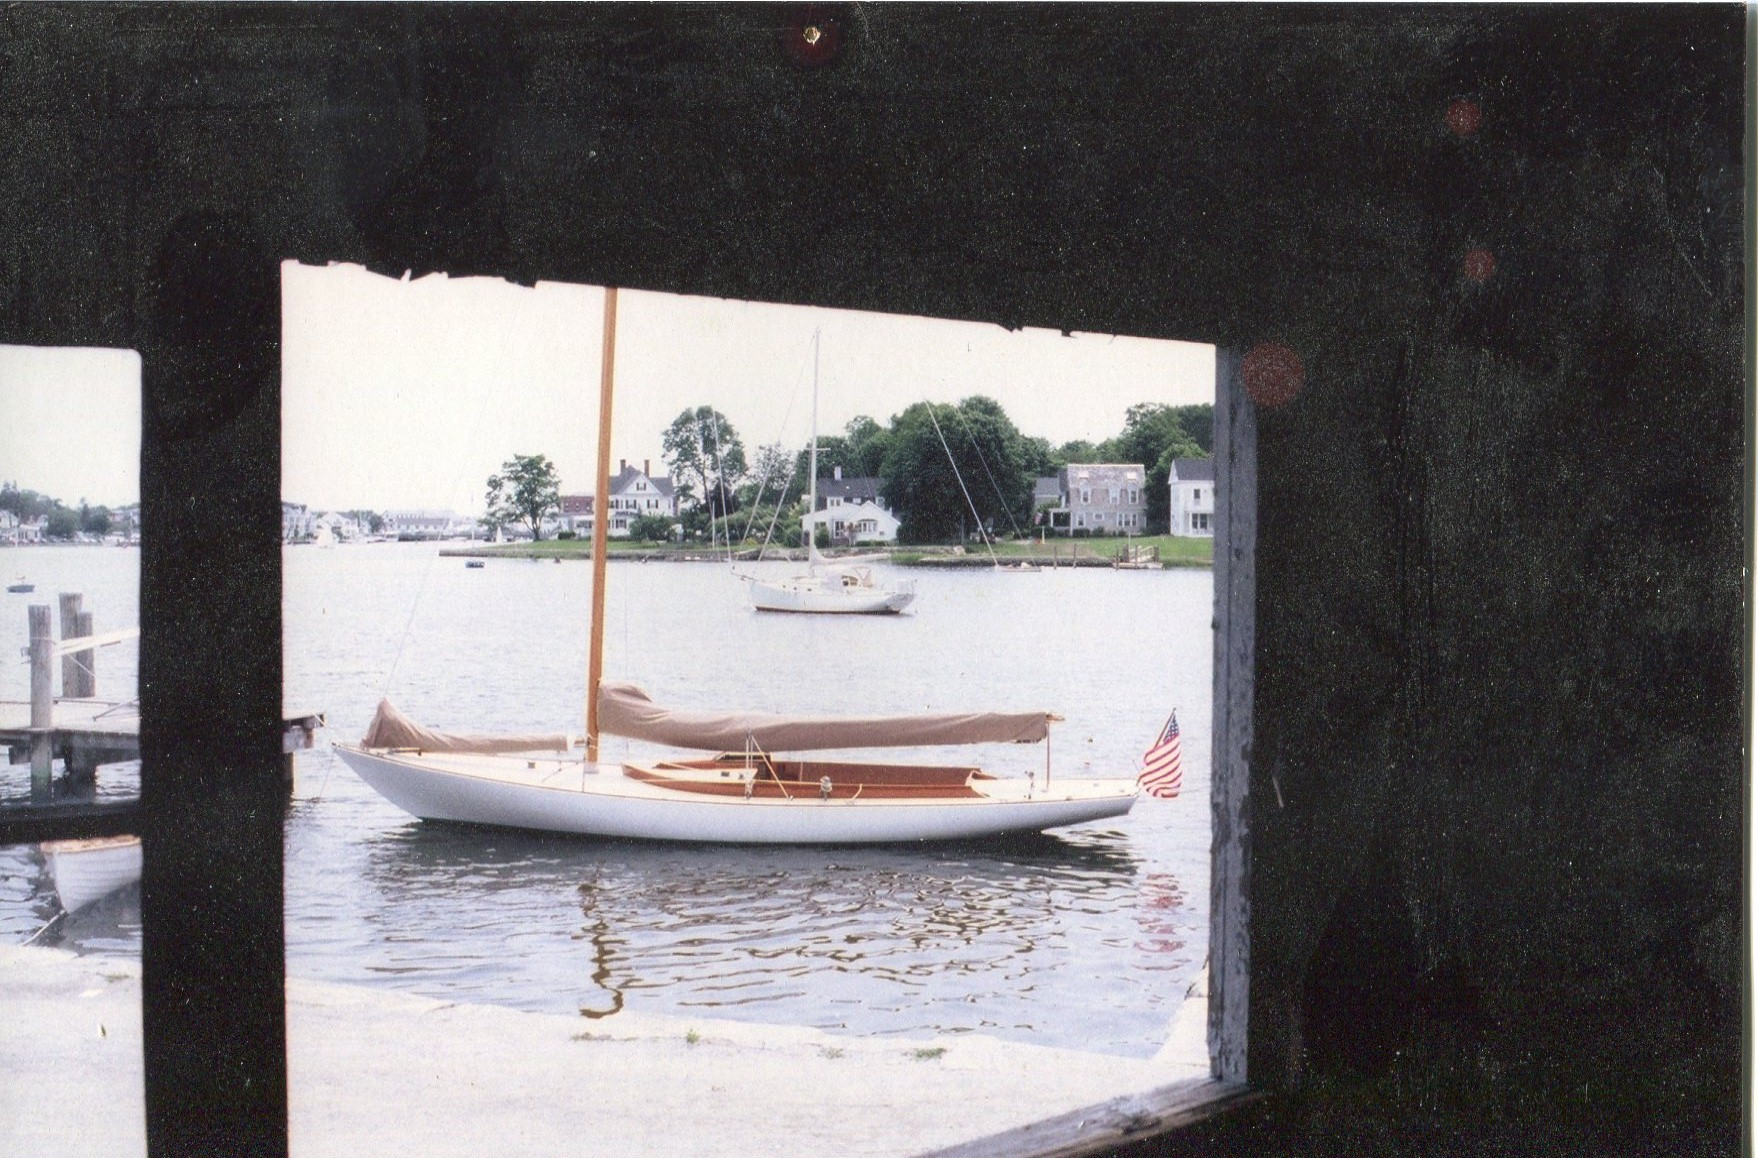 Goose, Buzzard's Bay 25, N.Herreshoff